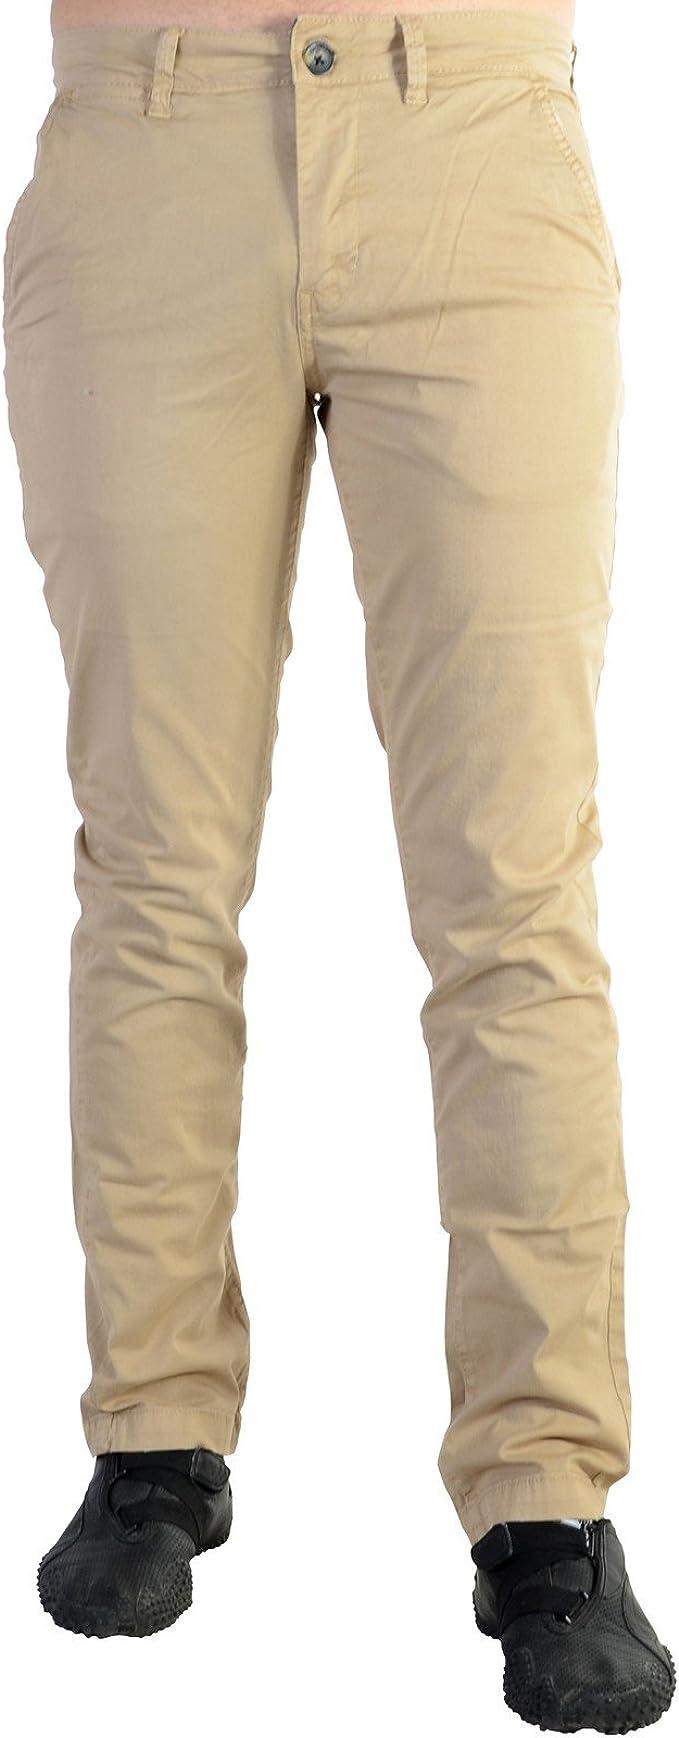 Pepe Jeans Sloane Pantalones para Hombre